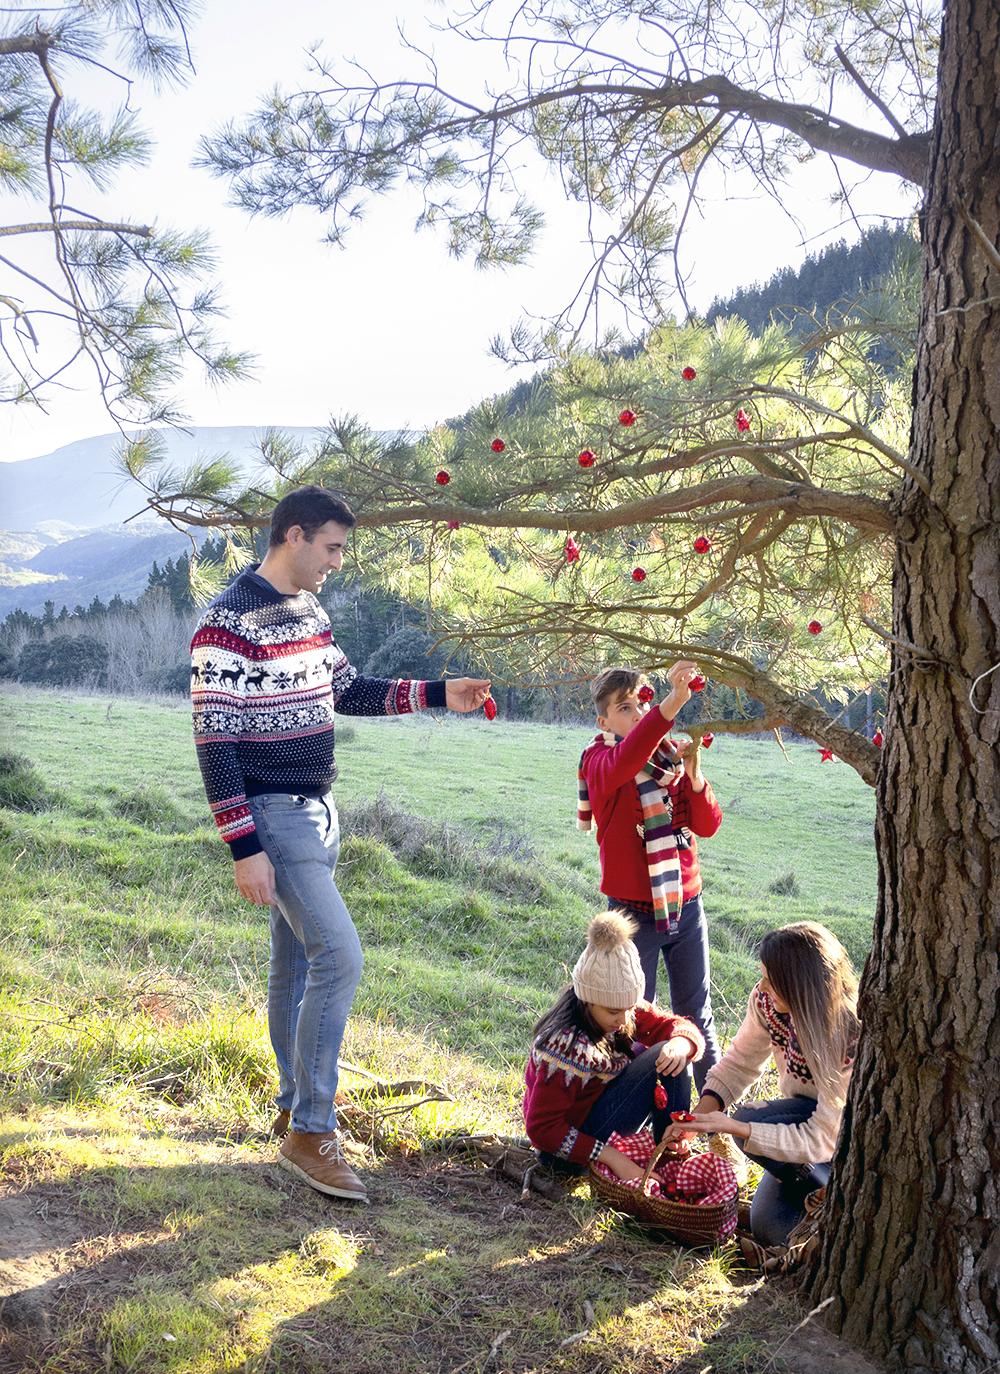 Cuaderno de villancicos descargable: canciones navideñas  para cantar en familia5